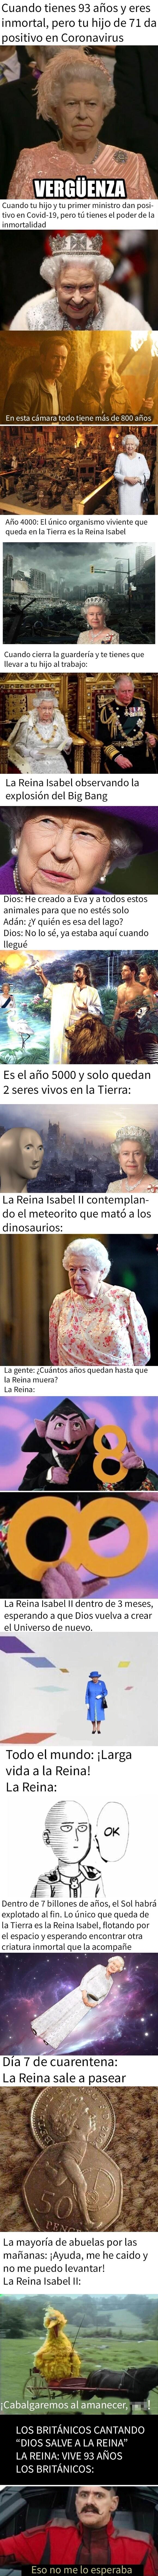 9649 - La gente se ha dado cuenta de que la Reina de Inglaterra es inmortal, y han creado algunos divertidos memes al respecto